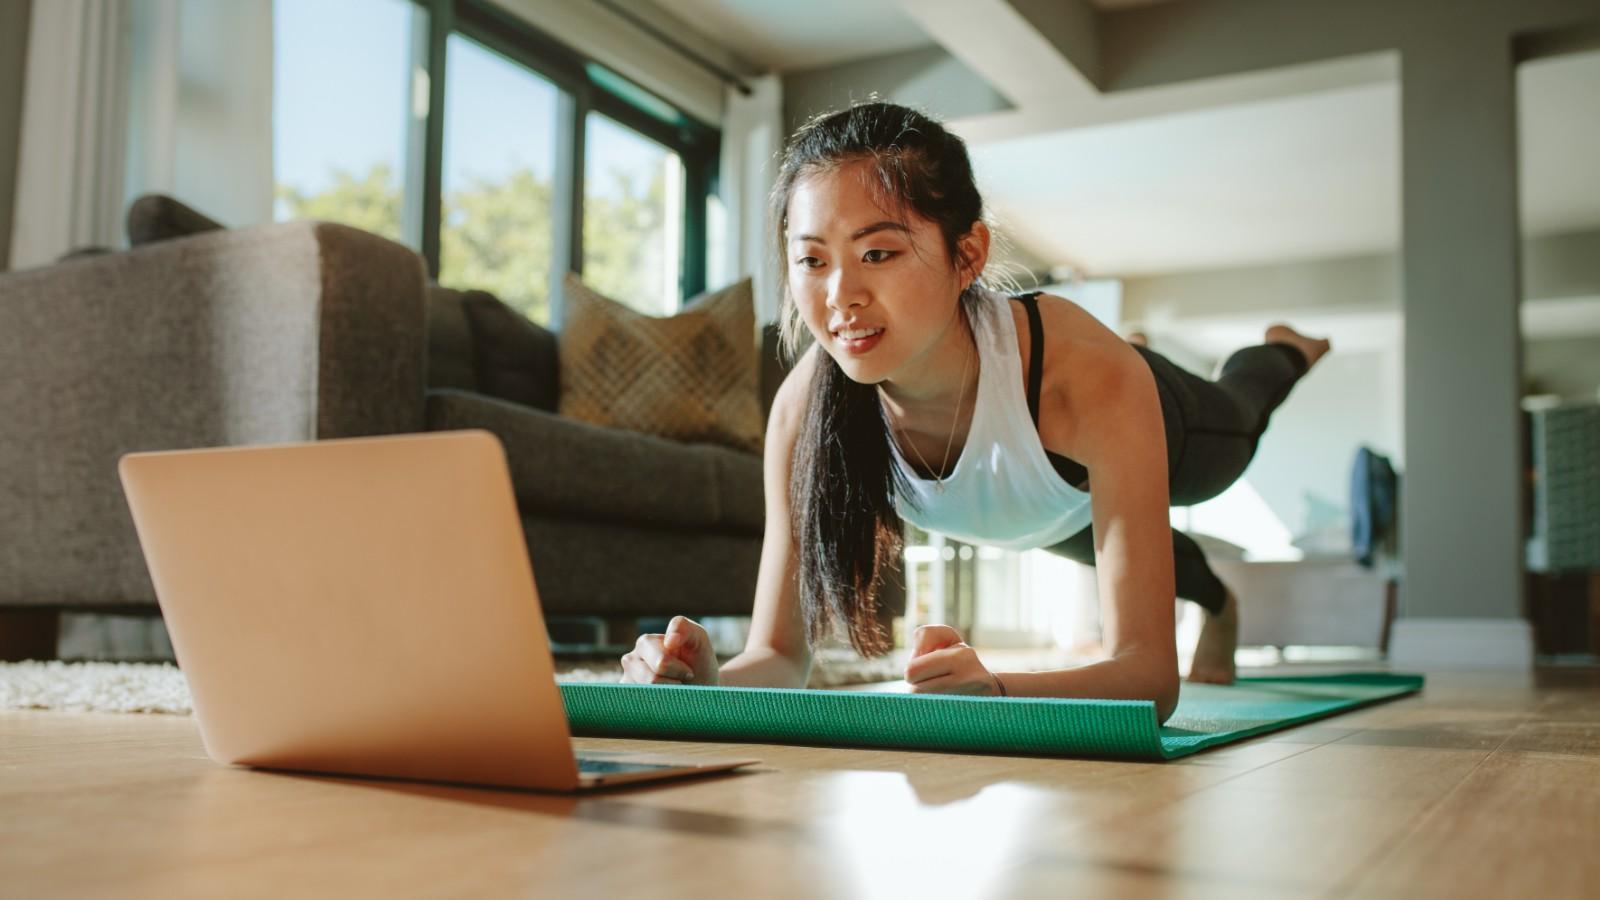 Pesquisa com participação do Brasil vai investigar se quem já praticava atividade física está lidando melhor com a quarentena